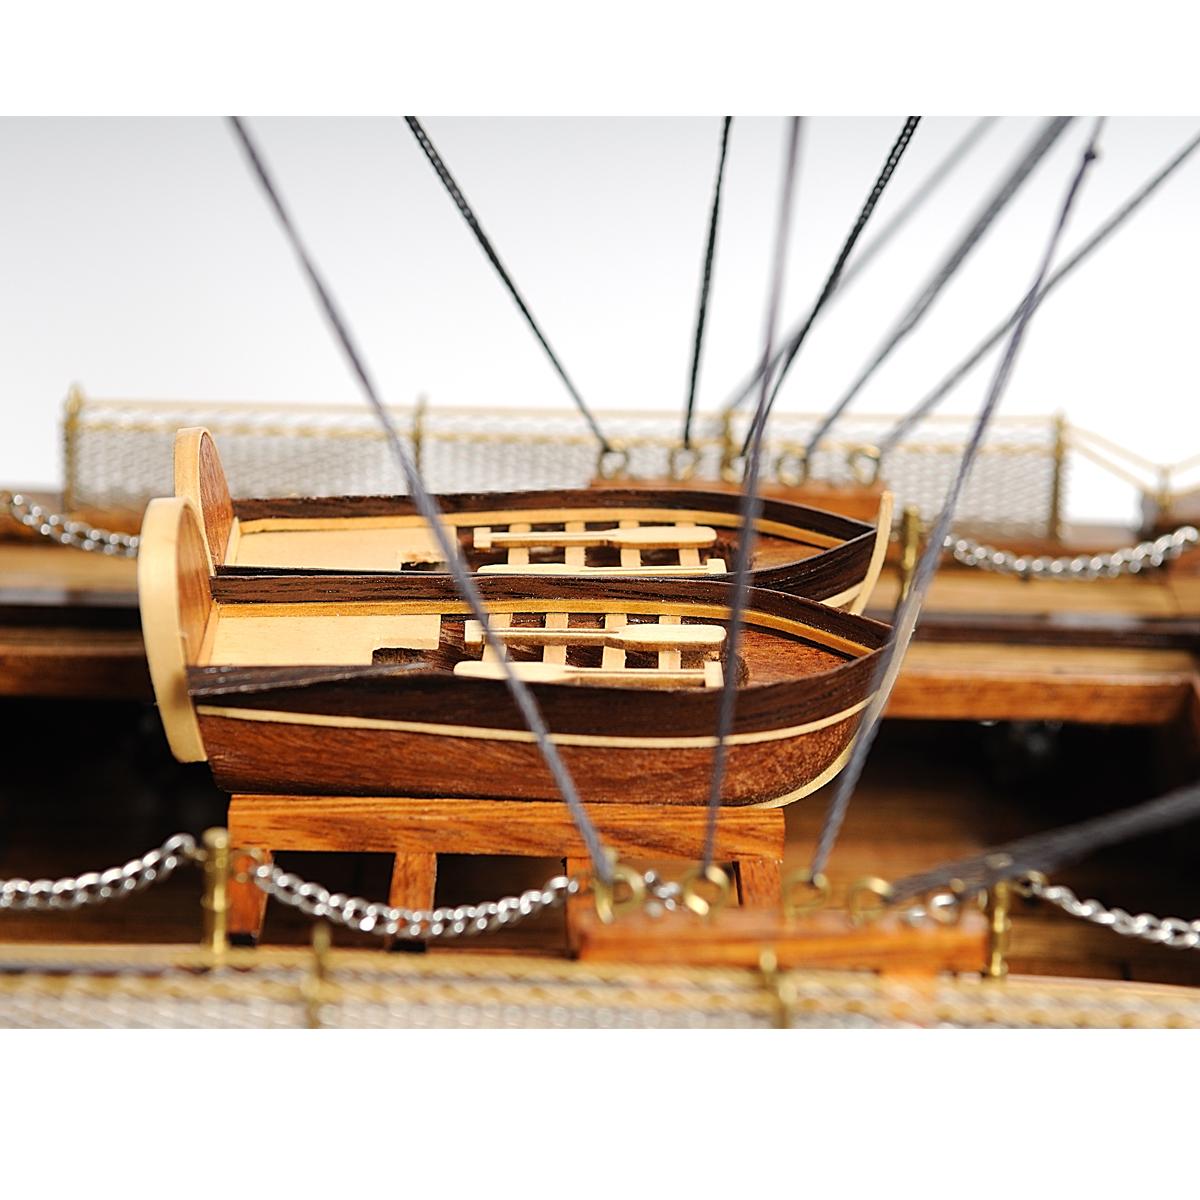 HMS Victory Exclusive Edition